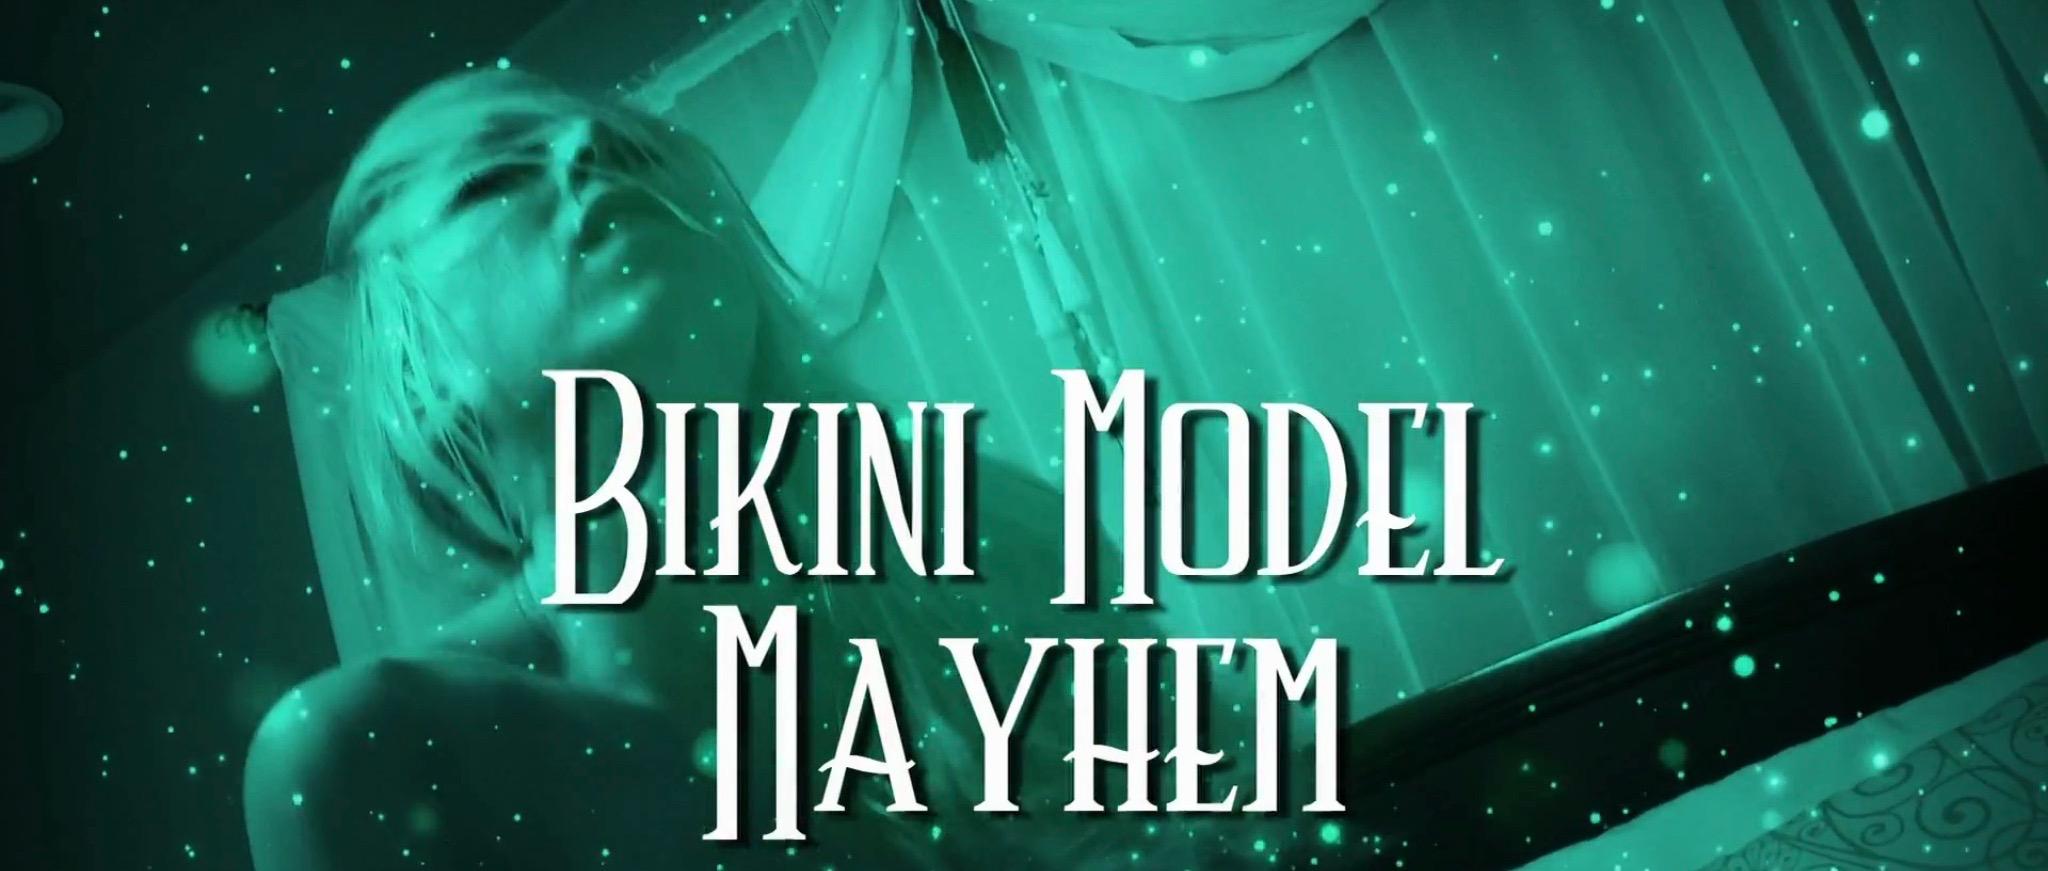 26+ Model Mayhem App  Pics